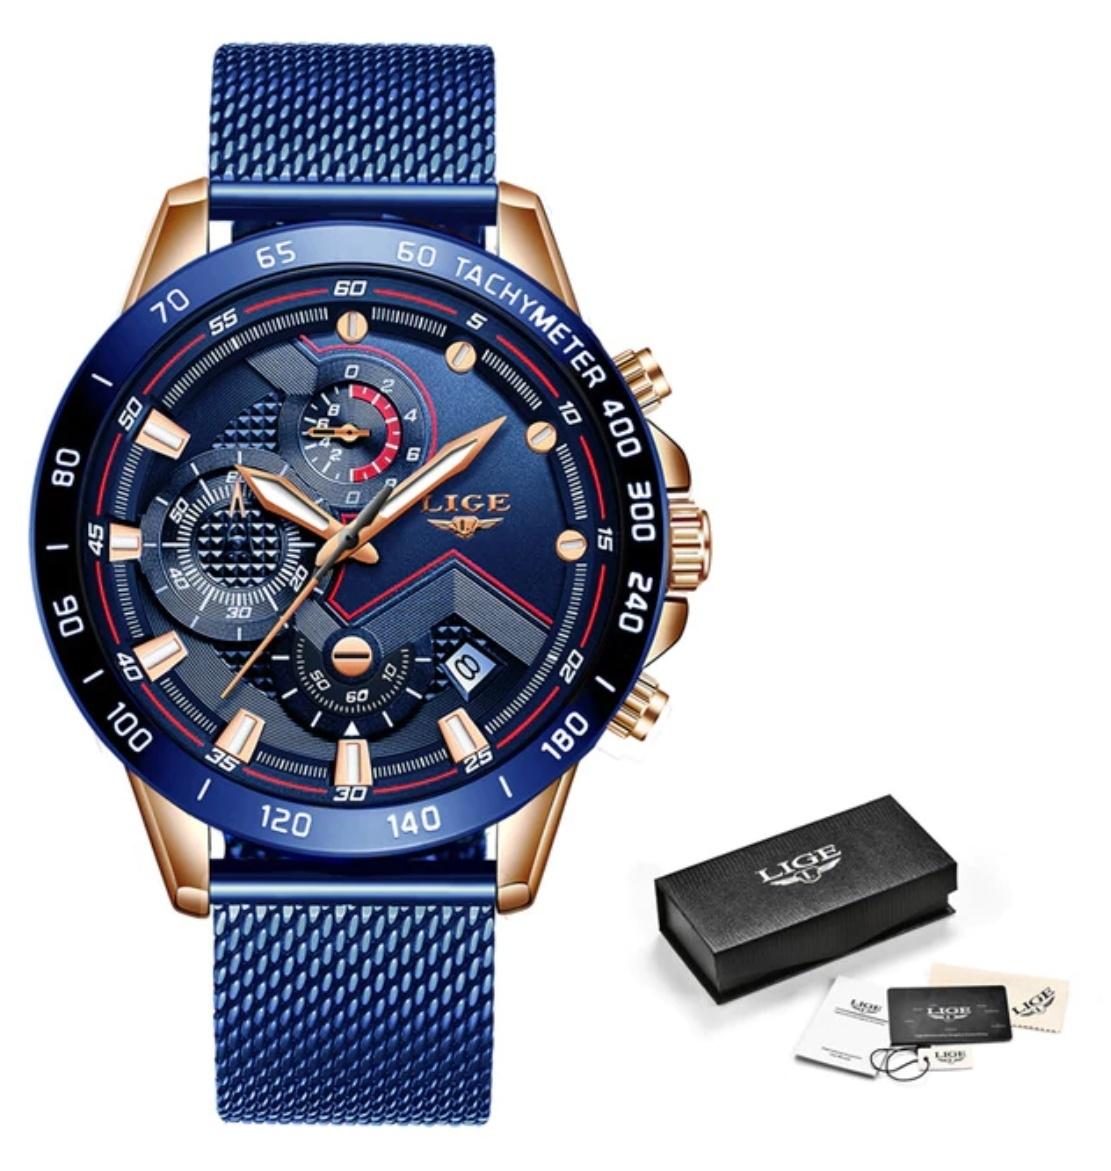 Quartz Horloge - Anoloog Luxe Uurwerk voor Heren - Roestvrij staal - Blauw